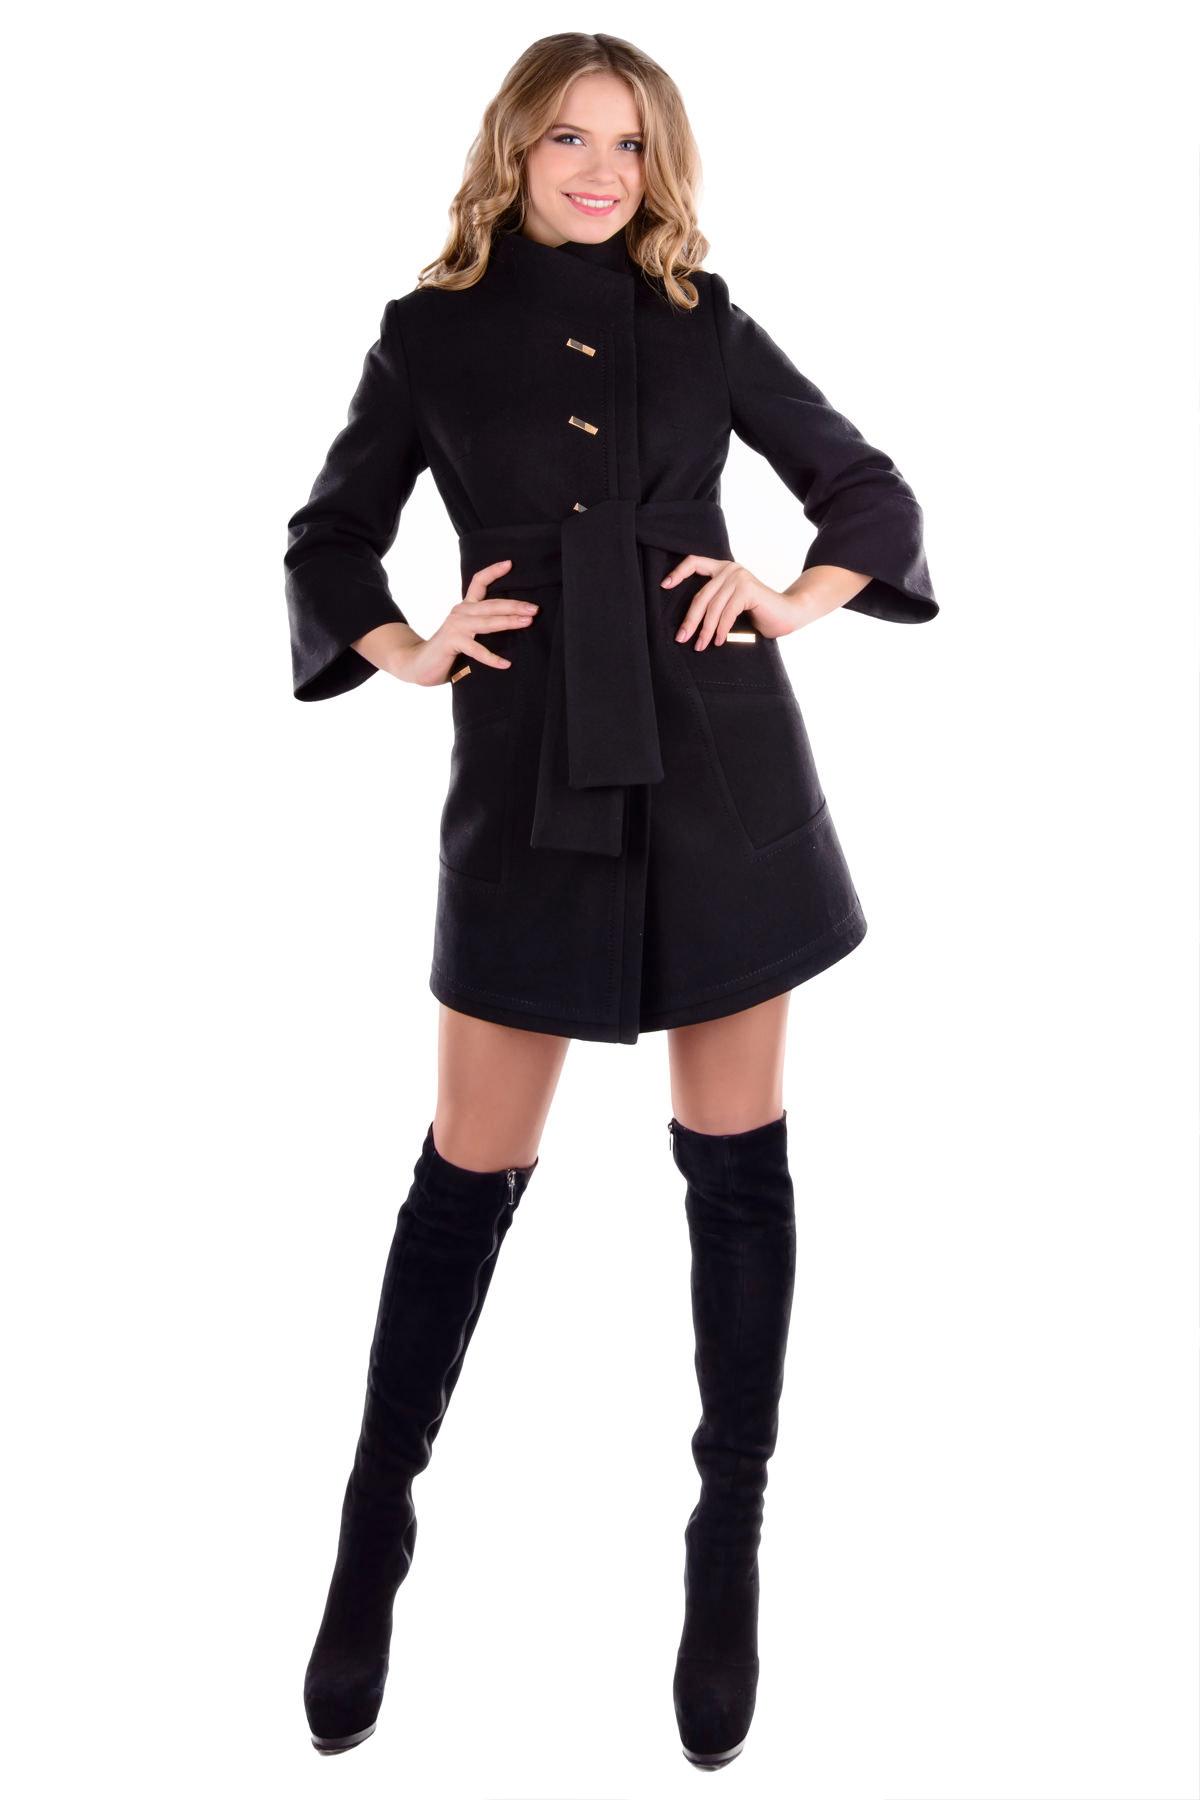 Купить оптом женское пальто недорого Пальто Бёрн 4576